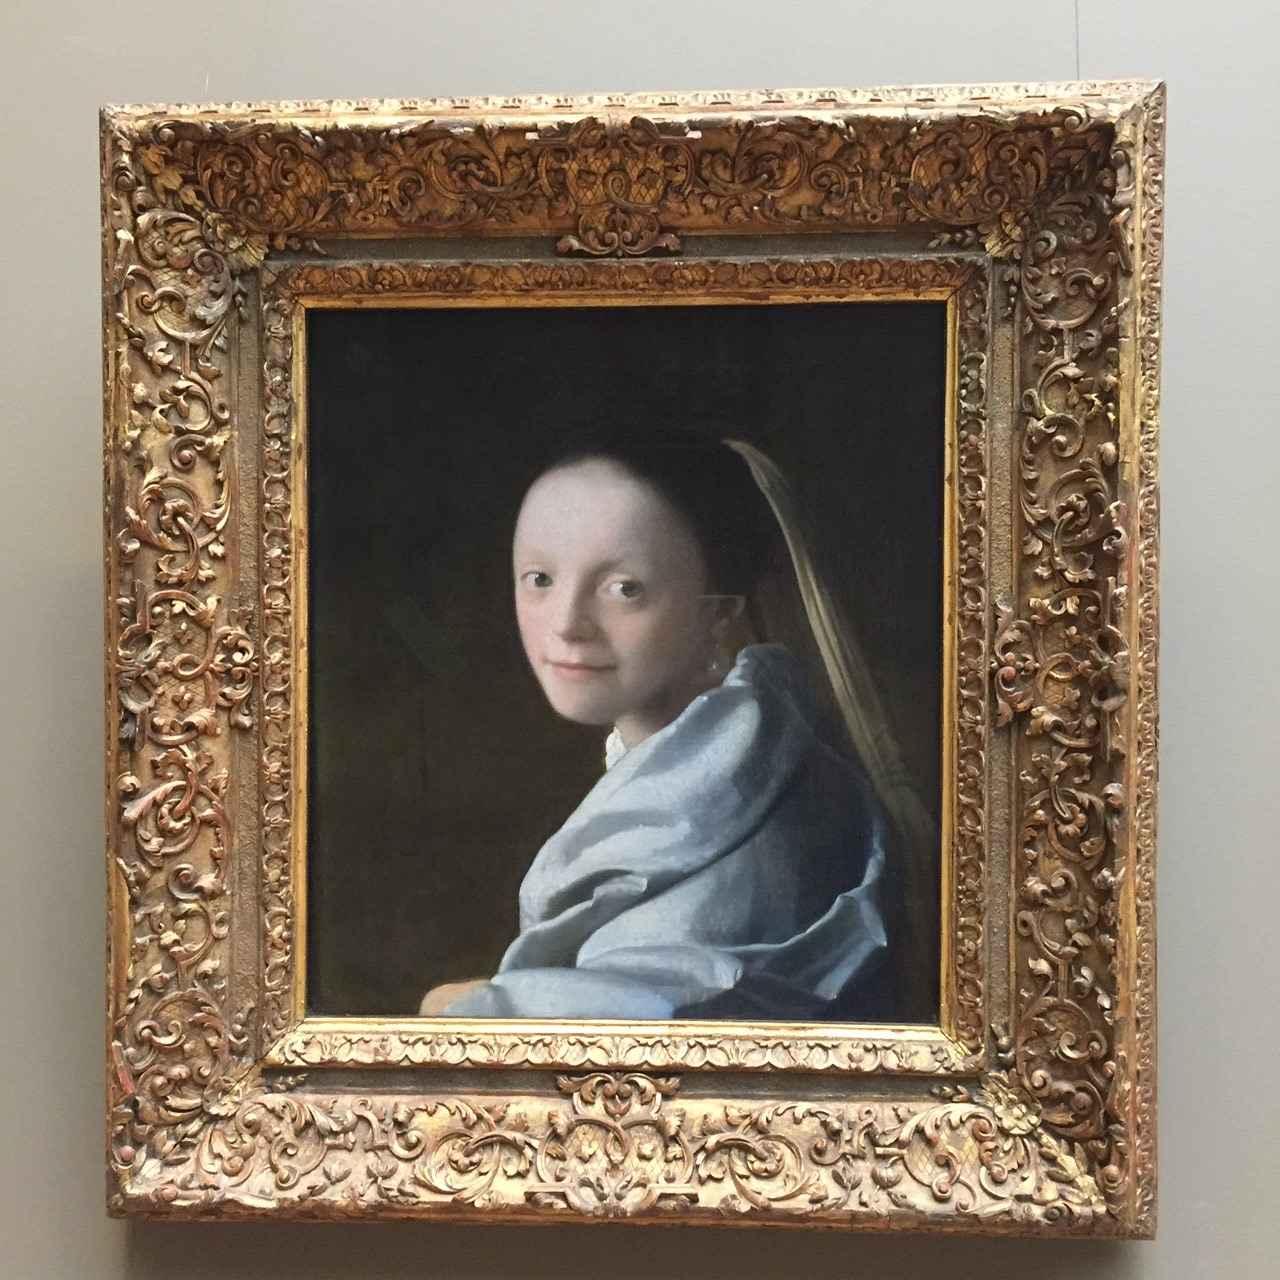 画像: フェルメール作「少女」/メトロポリタン美術館所蔵